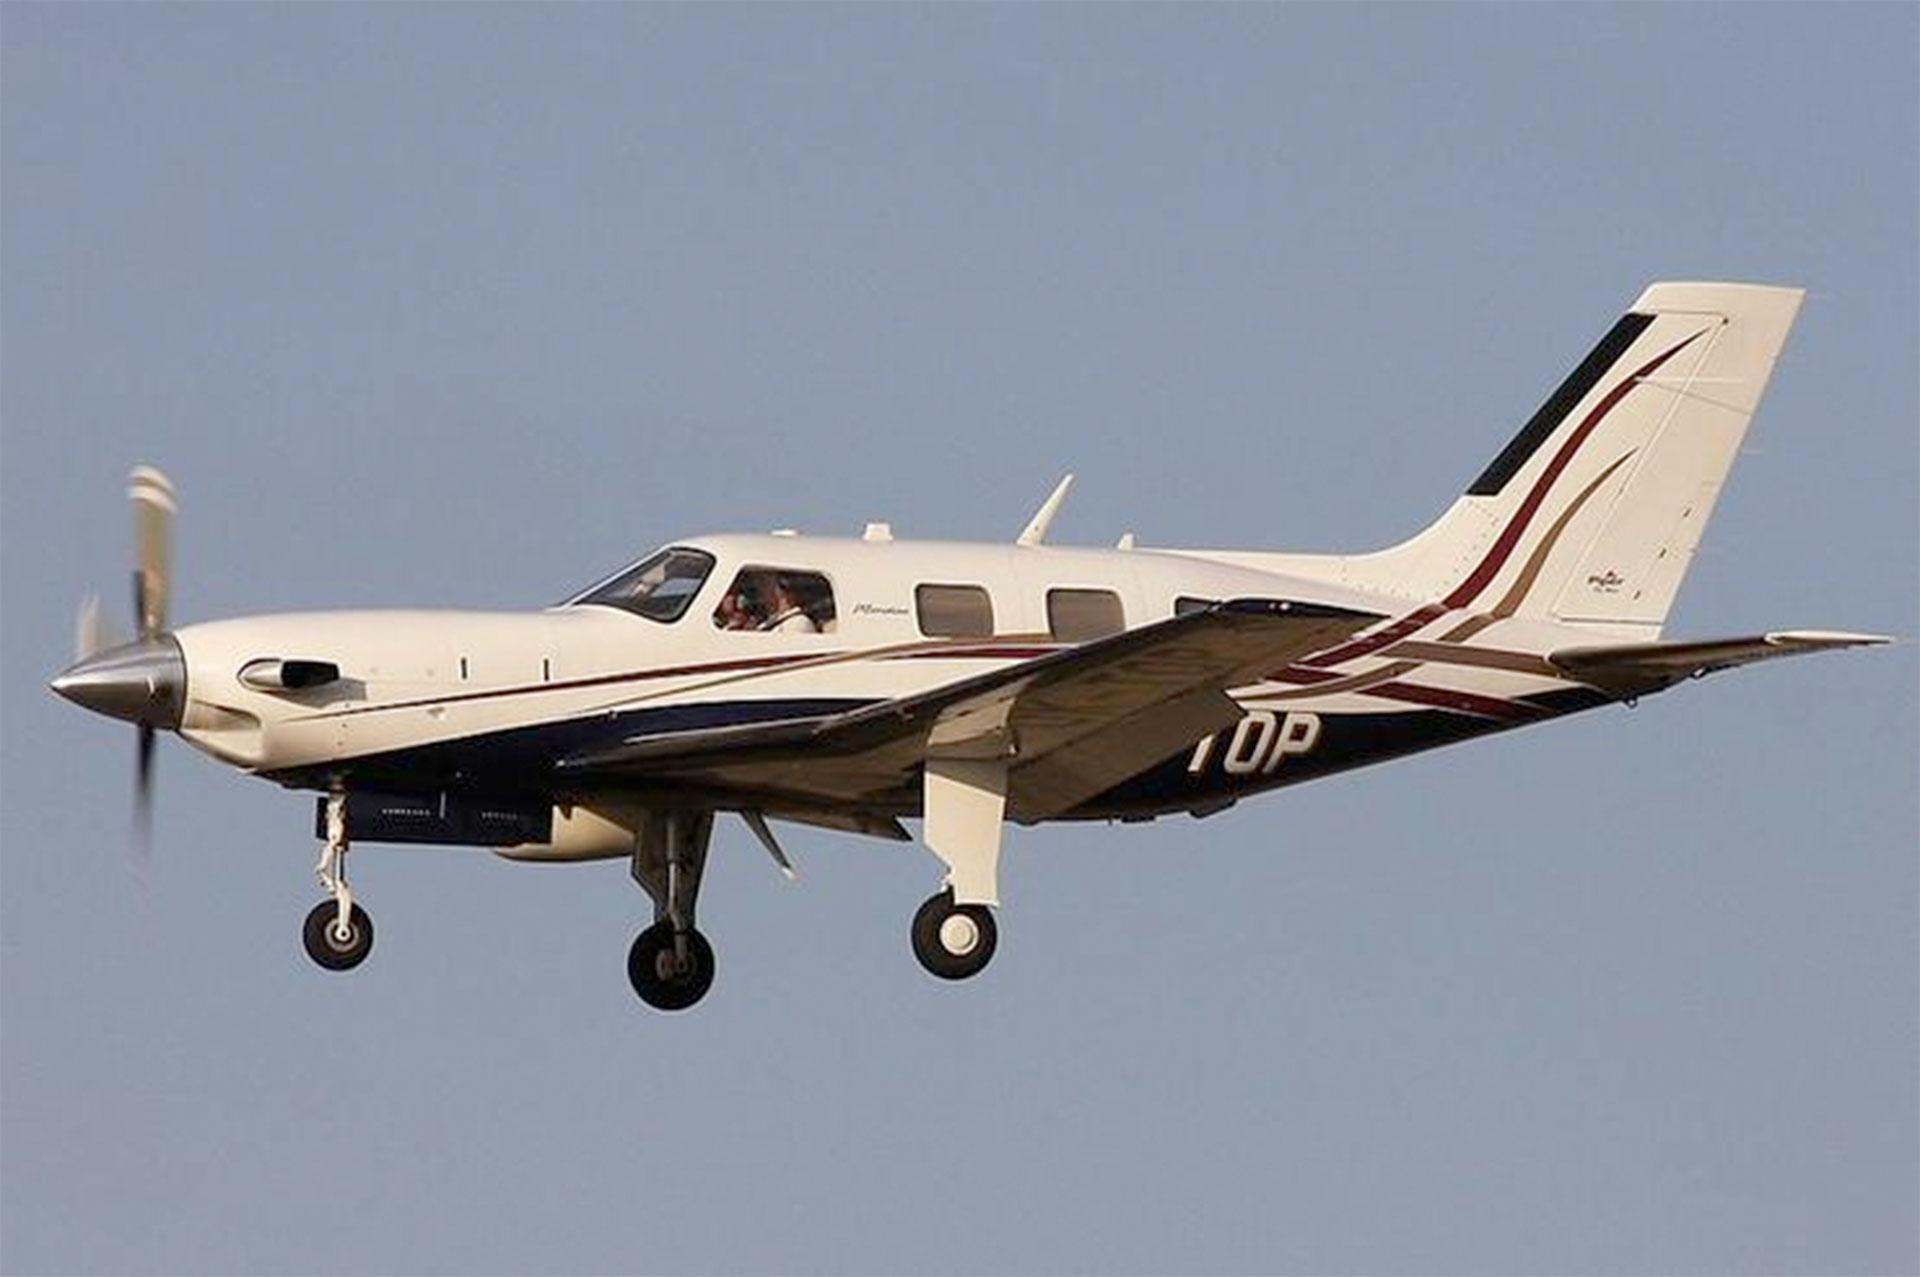 Piper PA-46 Malibu, en un avión similar a este viajaba el futbolista. (Foto: Instagram)